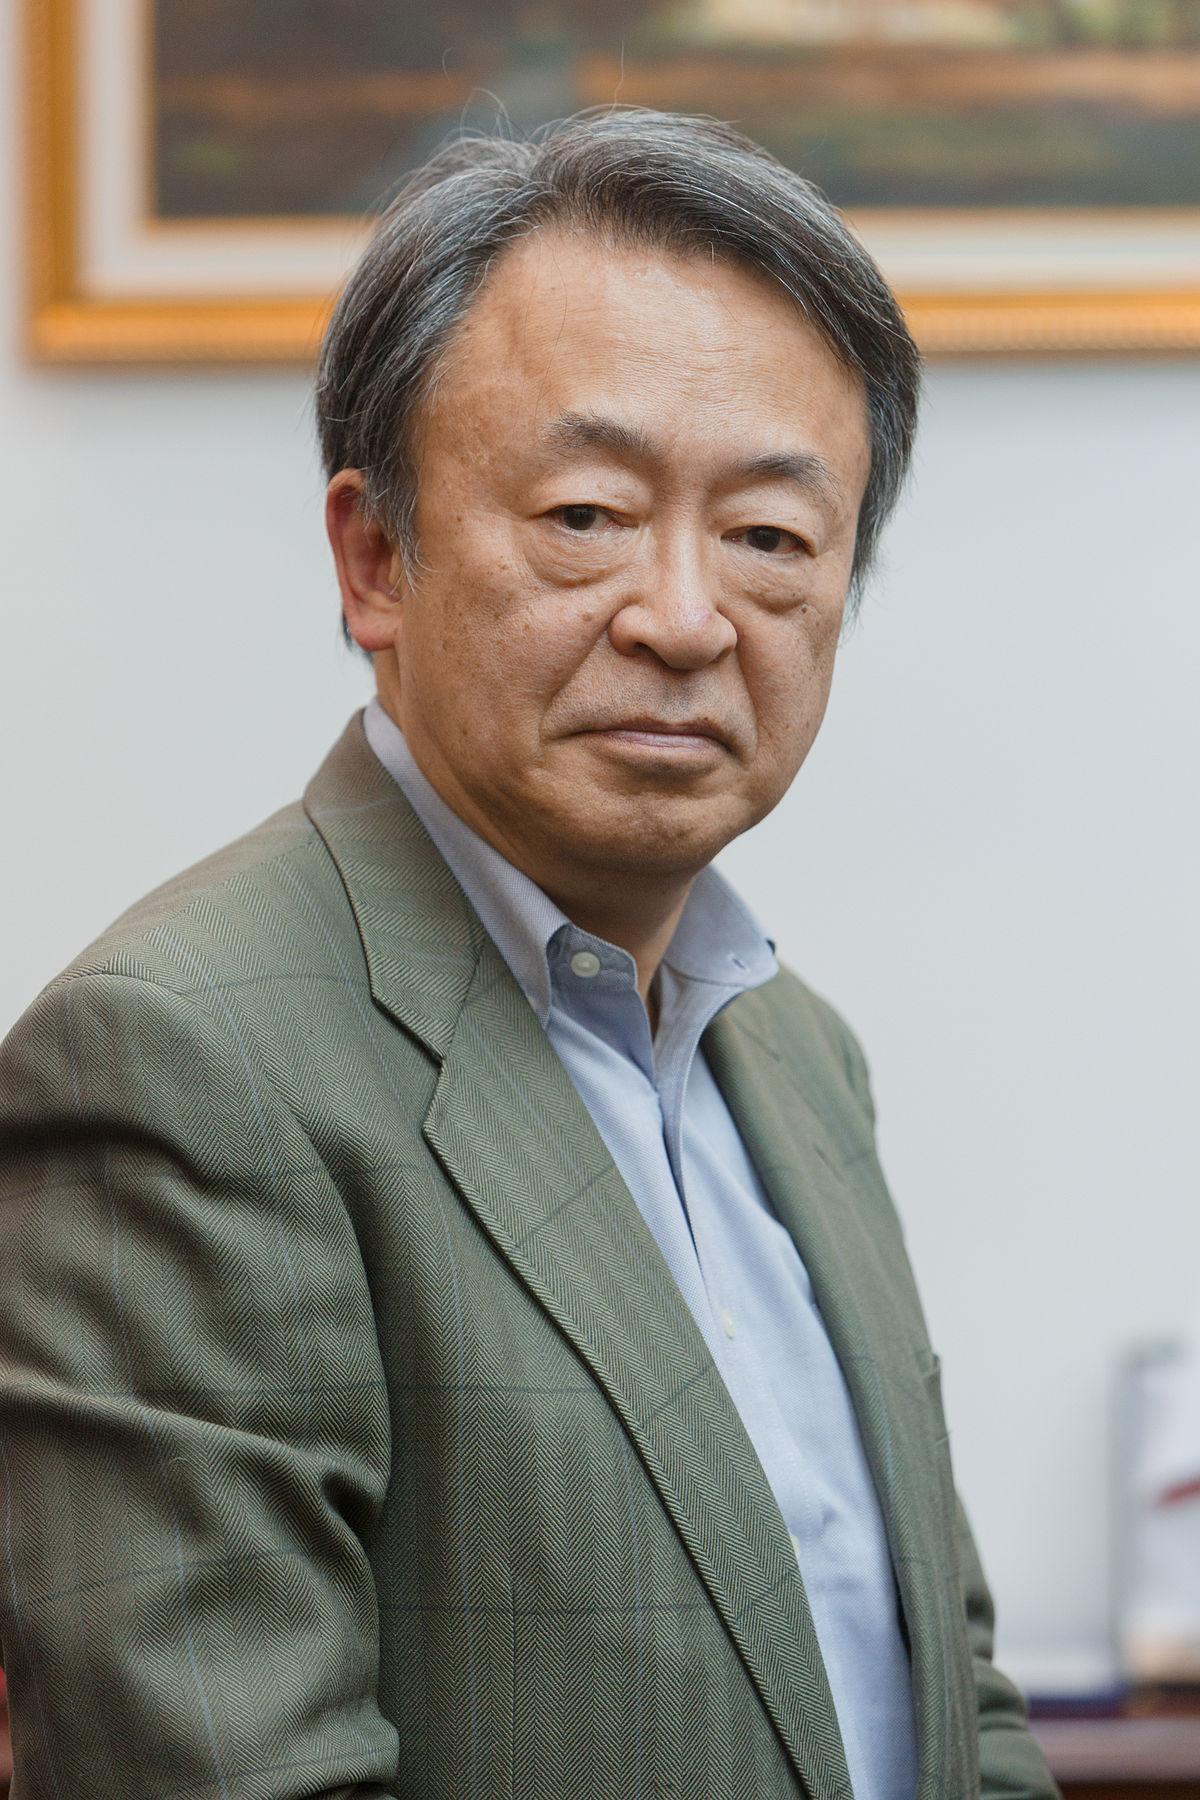 池上彰 - Wikipedia